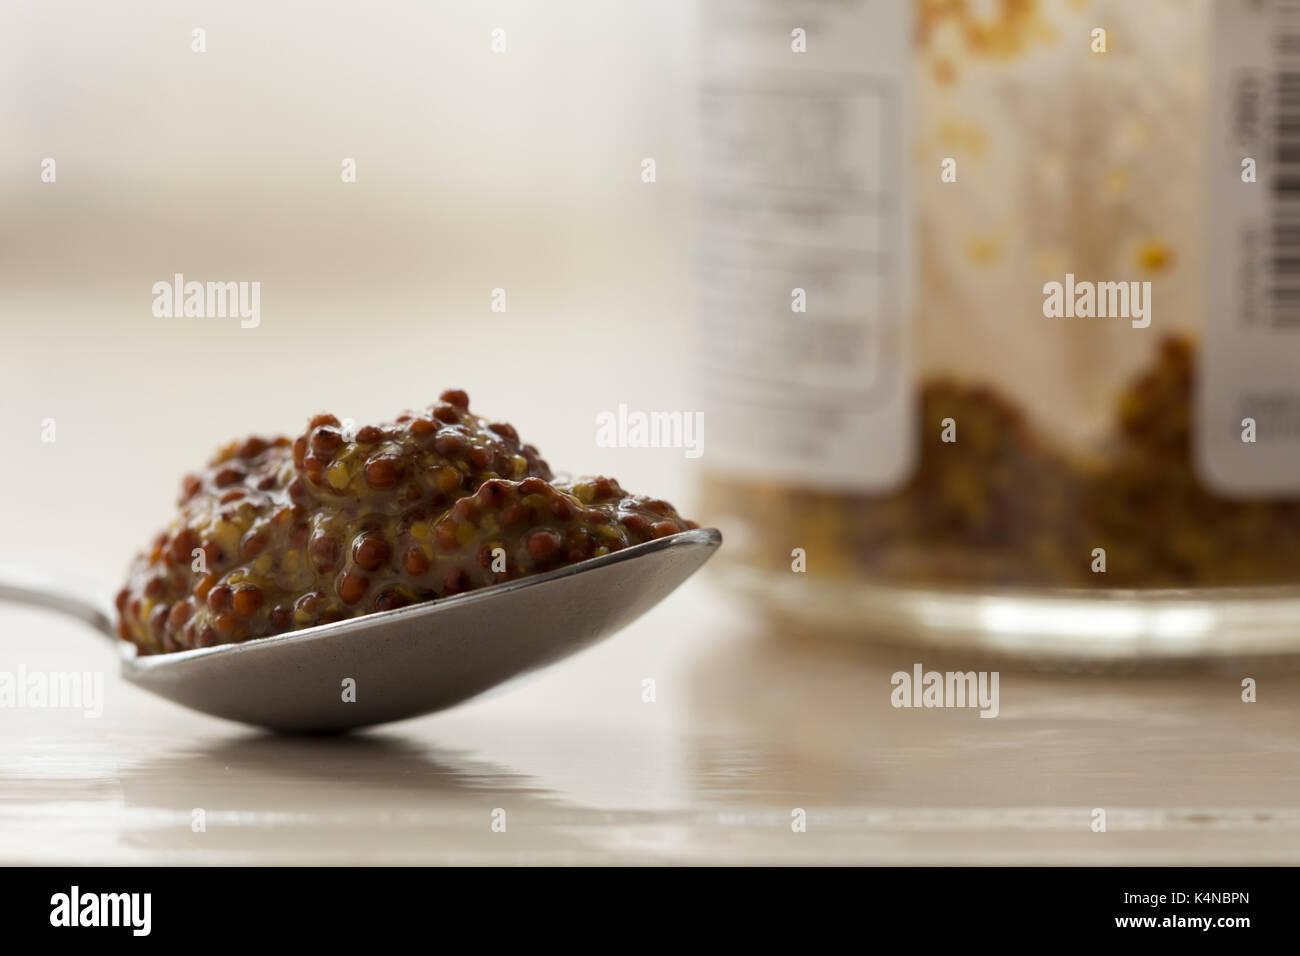 Einen gehäuften Teelöffel vollkorn Senf mit dem Glas Senf jar, die Bestandteil des unscharf Hintergrund. In natürlichem Licht gedreht. Stockbild